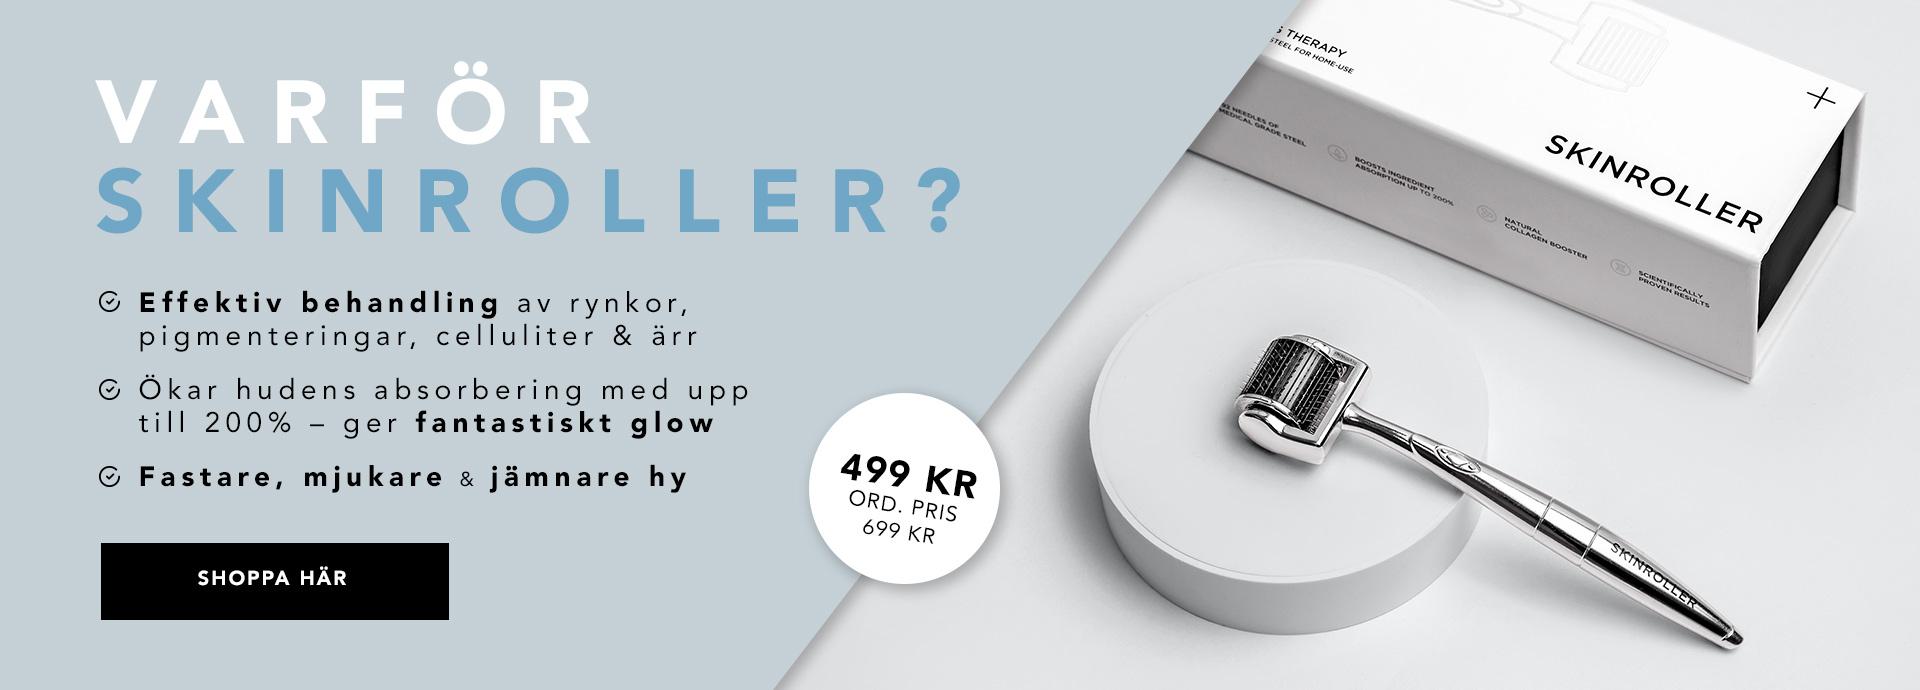 https://www.skinroller.se/image/5921/startsida-hero-silver-DESKTOP.jpg